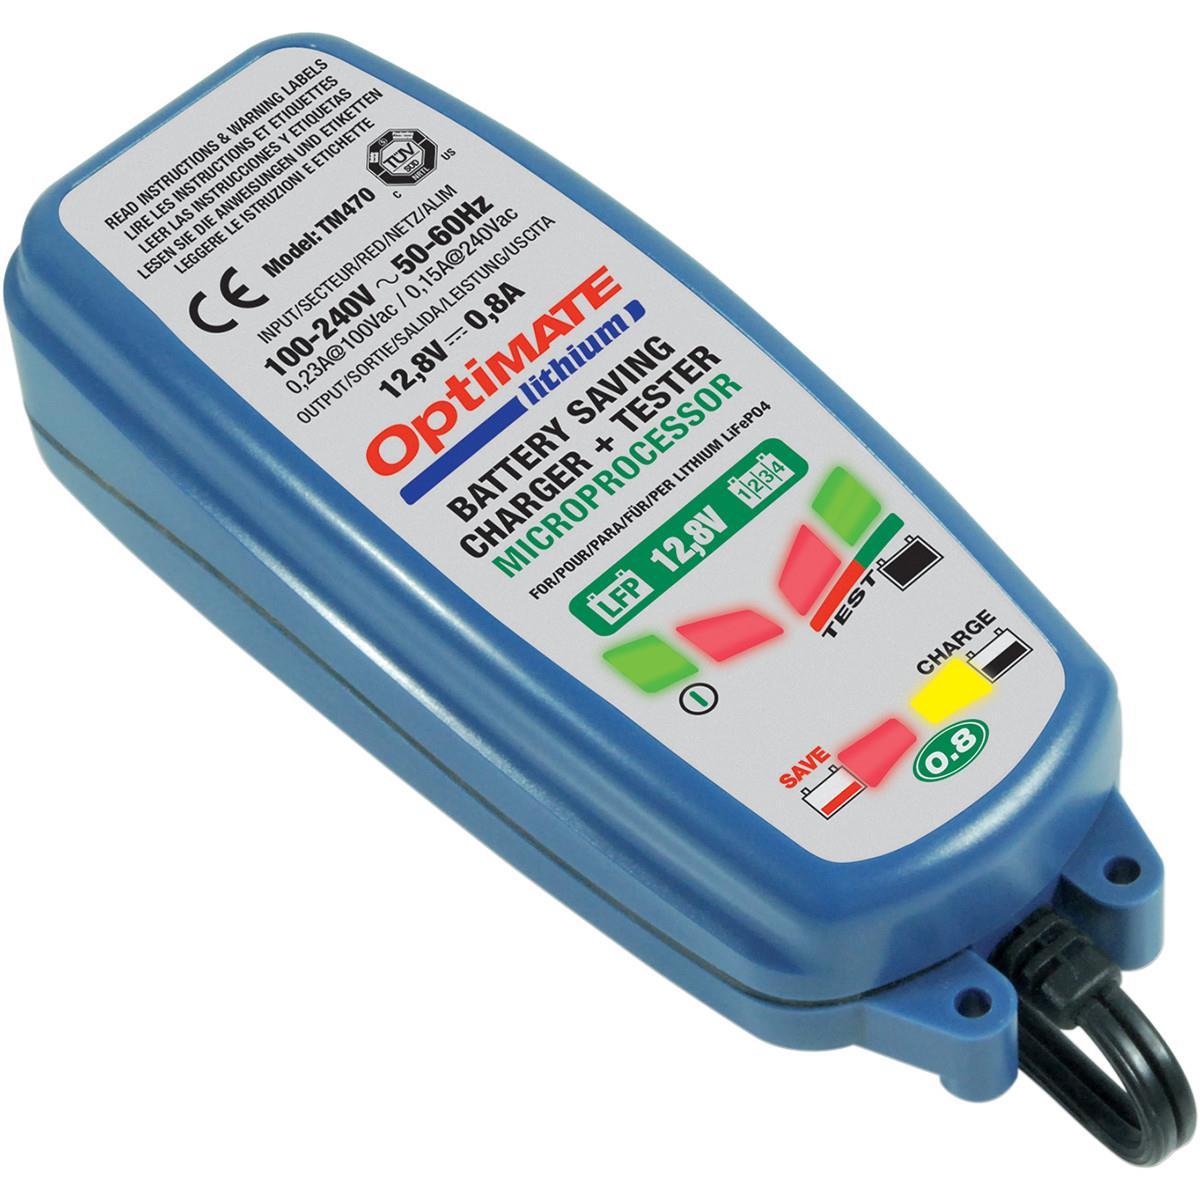 Зарядное устройство OptiMate Lithium 0,8А. TM470TM470Многоступенчатое устройство Optimate от бельгийской компании TecMate с режимами тестирования, восстановления глубокоразряженных аккумуляторных батарей и хранения. Управление полностью автоматическое без кнопок. Заряжает только литий-ионные аккумуляторные батареи, выполненные по технологии LiFePo4. Защита от короткого замыкания, переполюсовки, искрообразования, перегрева. Оптимизирует срок службы и здоровье аккумуляторной батареи. Влагозащищенный корпус. Рекомендовано 10-ю ведущими производителями мототехники. OptiMate Lithium 0,8А рекомендуется для LiFePo4 АКБ от 2Ач до 50 Ач. Ток зарядки 0,8А. Старт заряда АКБ от 0,5В. Температурный режим -20...+40С. В комплект устройства входят аксессуары O1 кольцевой разъем постоянного подключения и O4 зажимы типа крокодил.